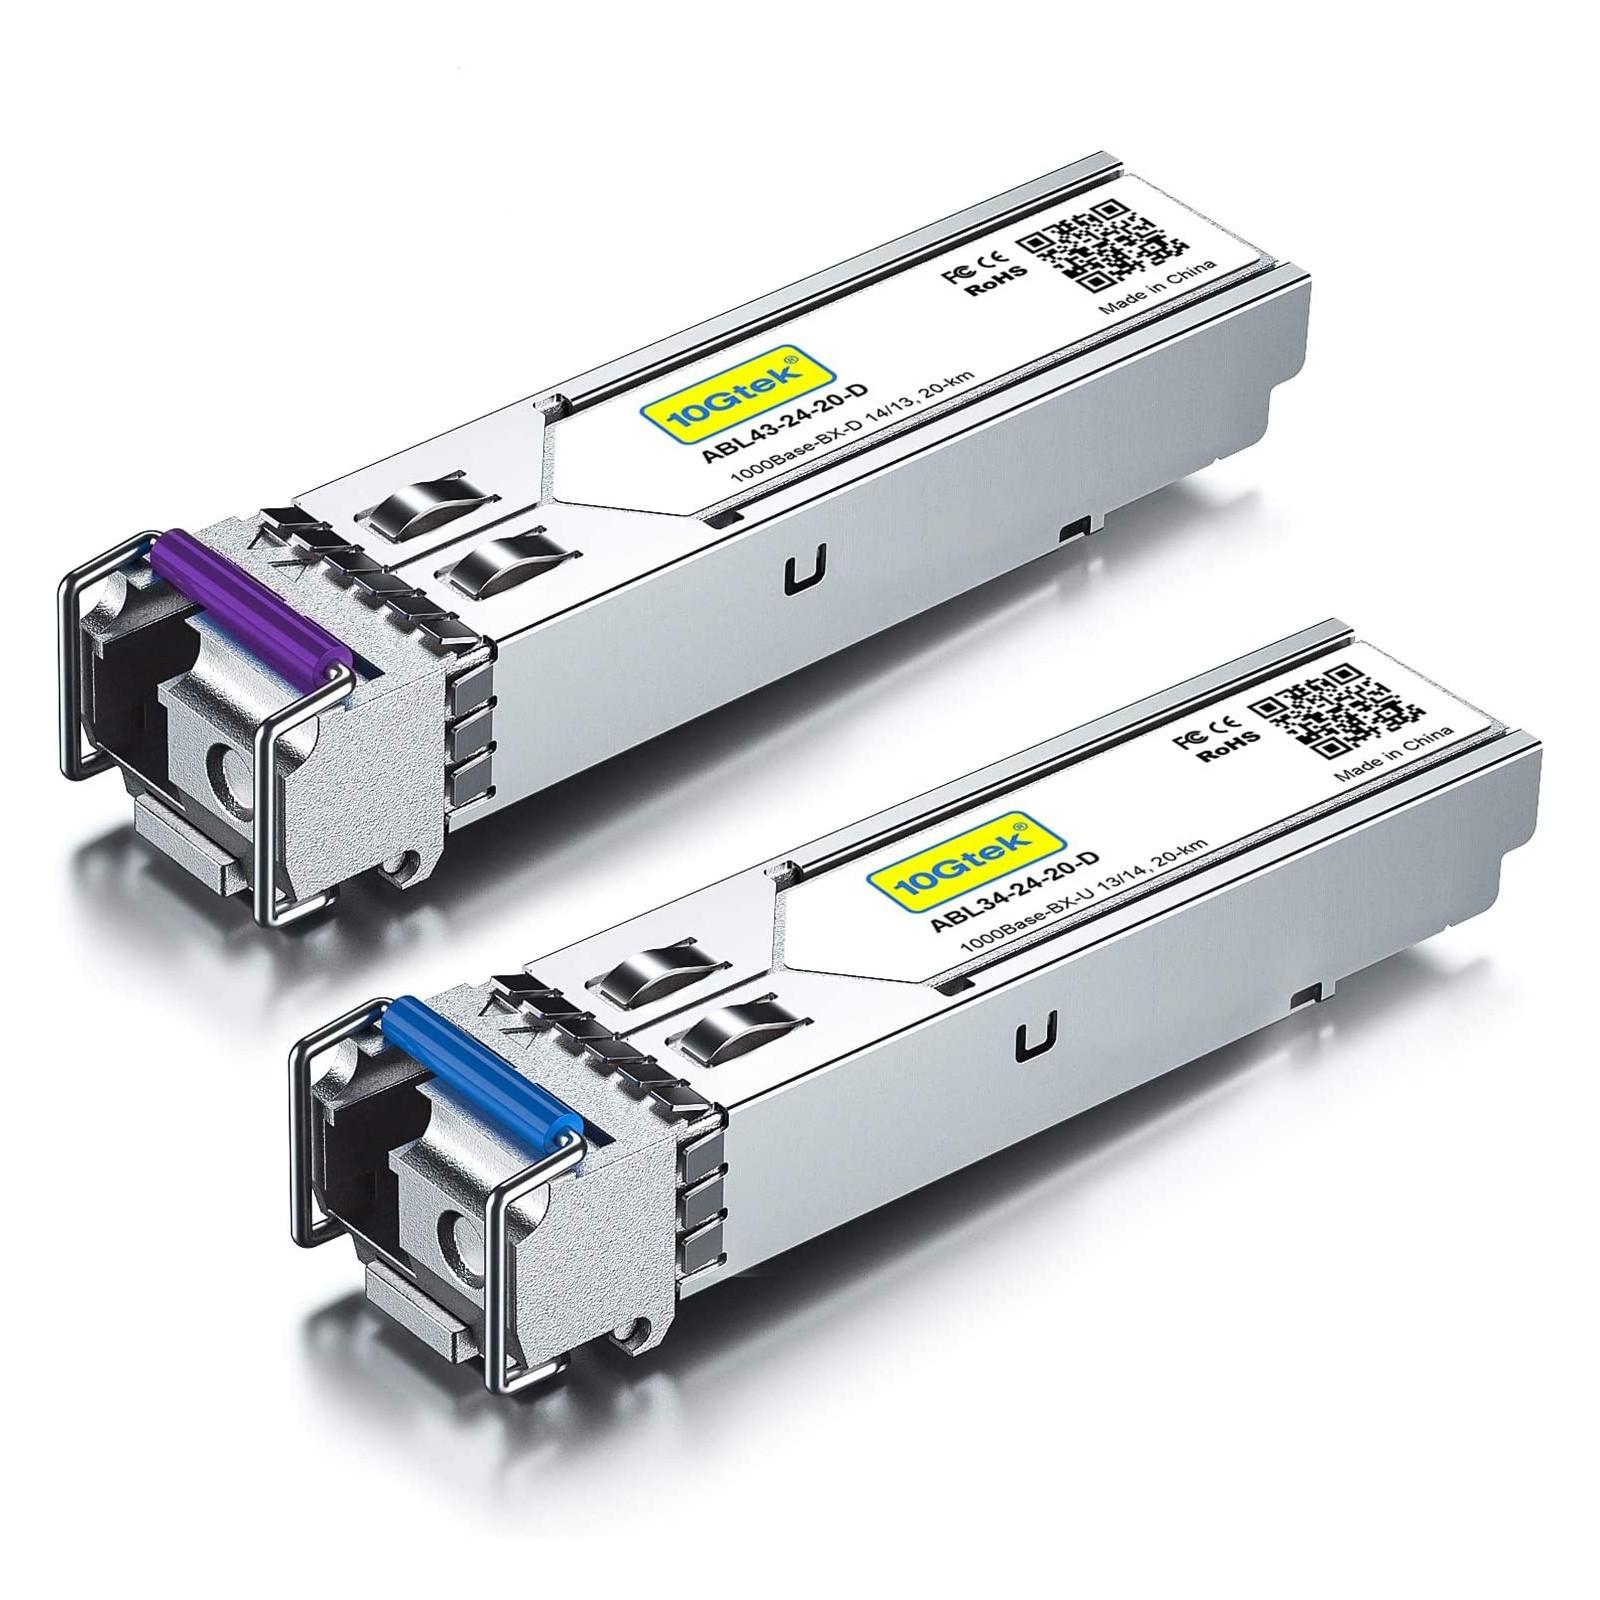 A Pair of 1.25G SFP Bidi Transceiver, 20km Compatible for IBM/Blade/Lenovo